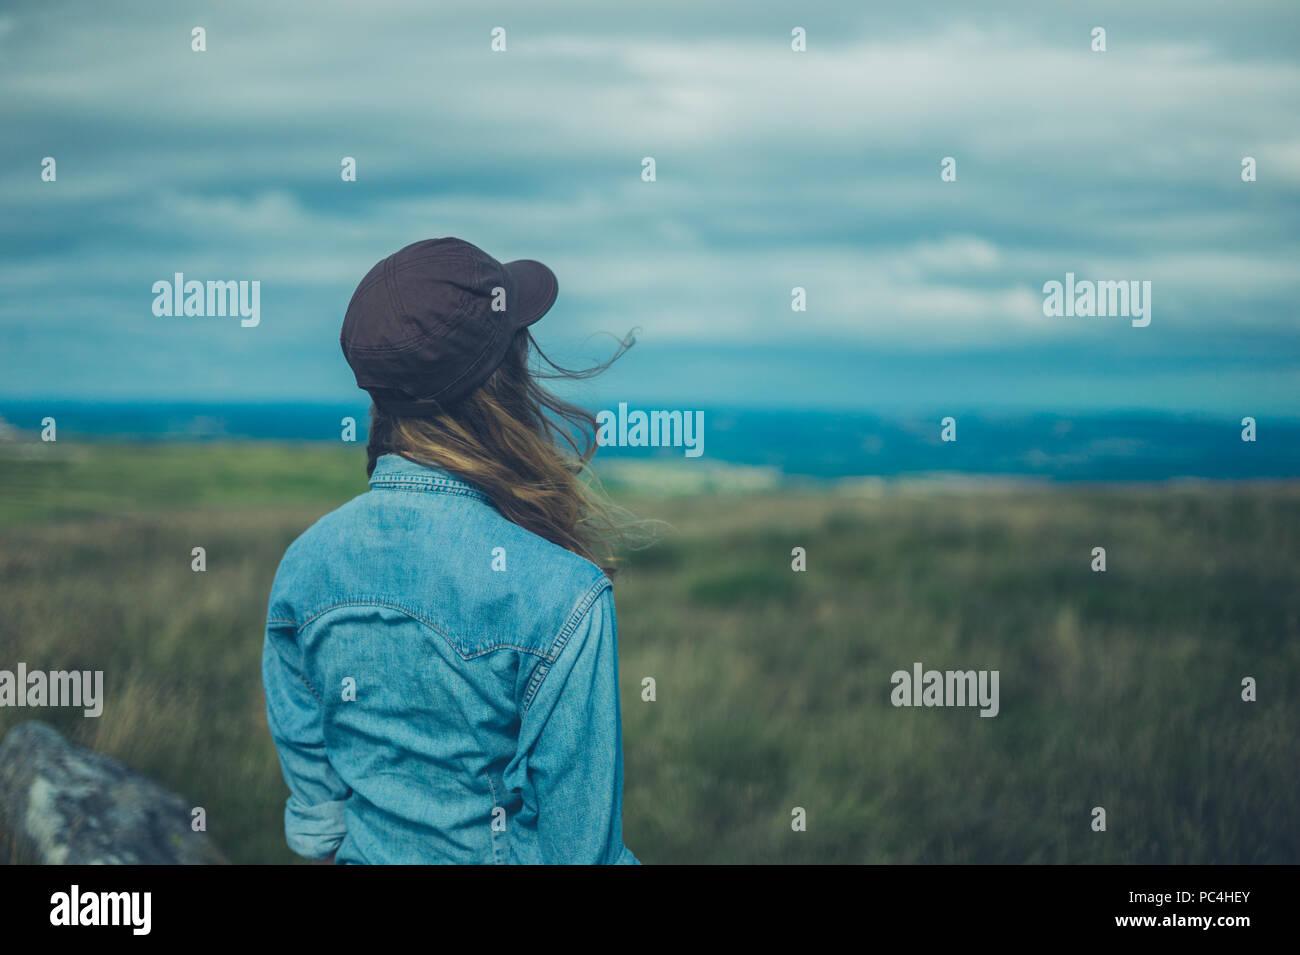 Un joven que llevaba una gorra de béisbol está de pie sobre una colina Imagen De Stock